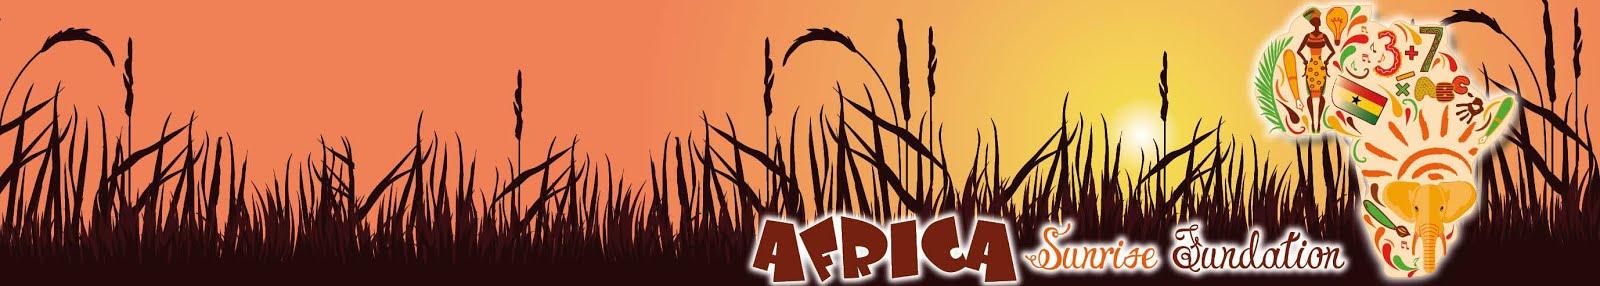 Africa Sunrise Foundation